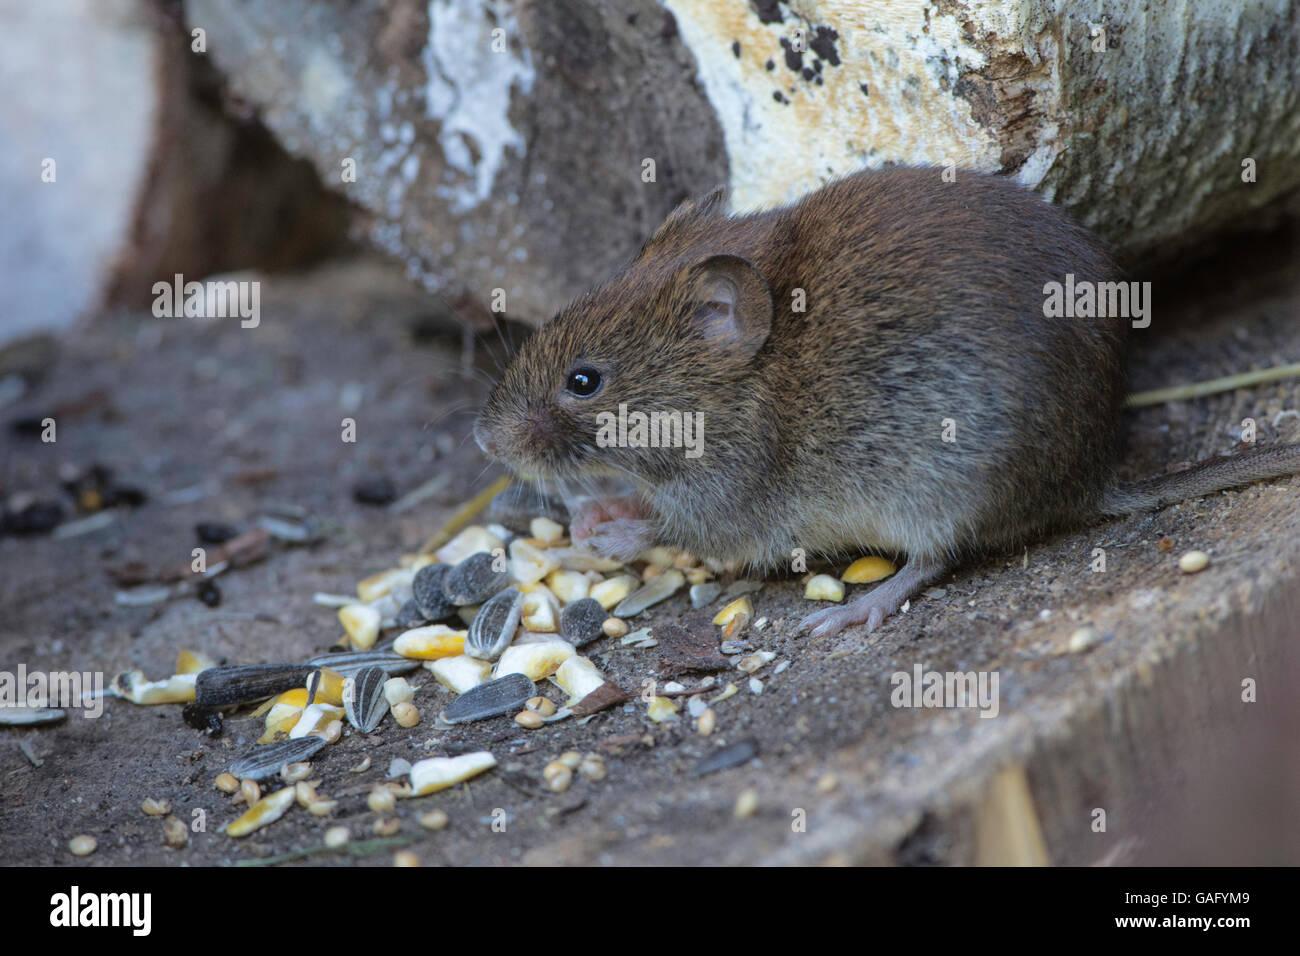 Bank Vole(Clethrionomys  glareolus) eating spilt bird seed. - Stock Image